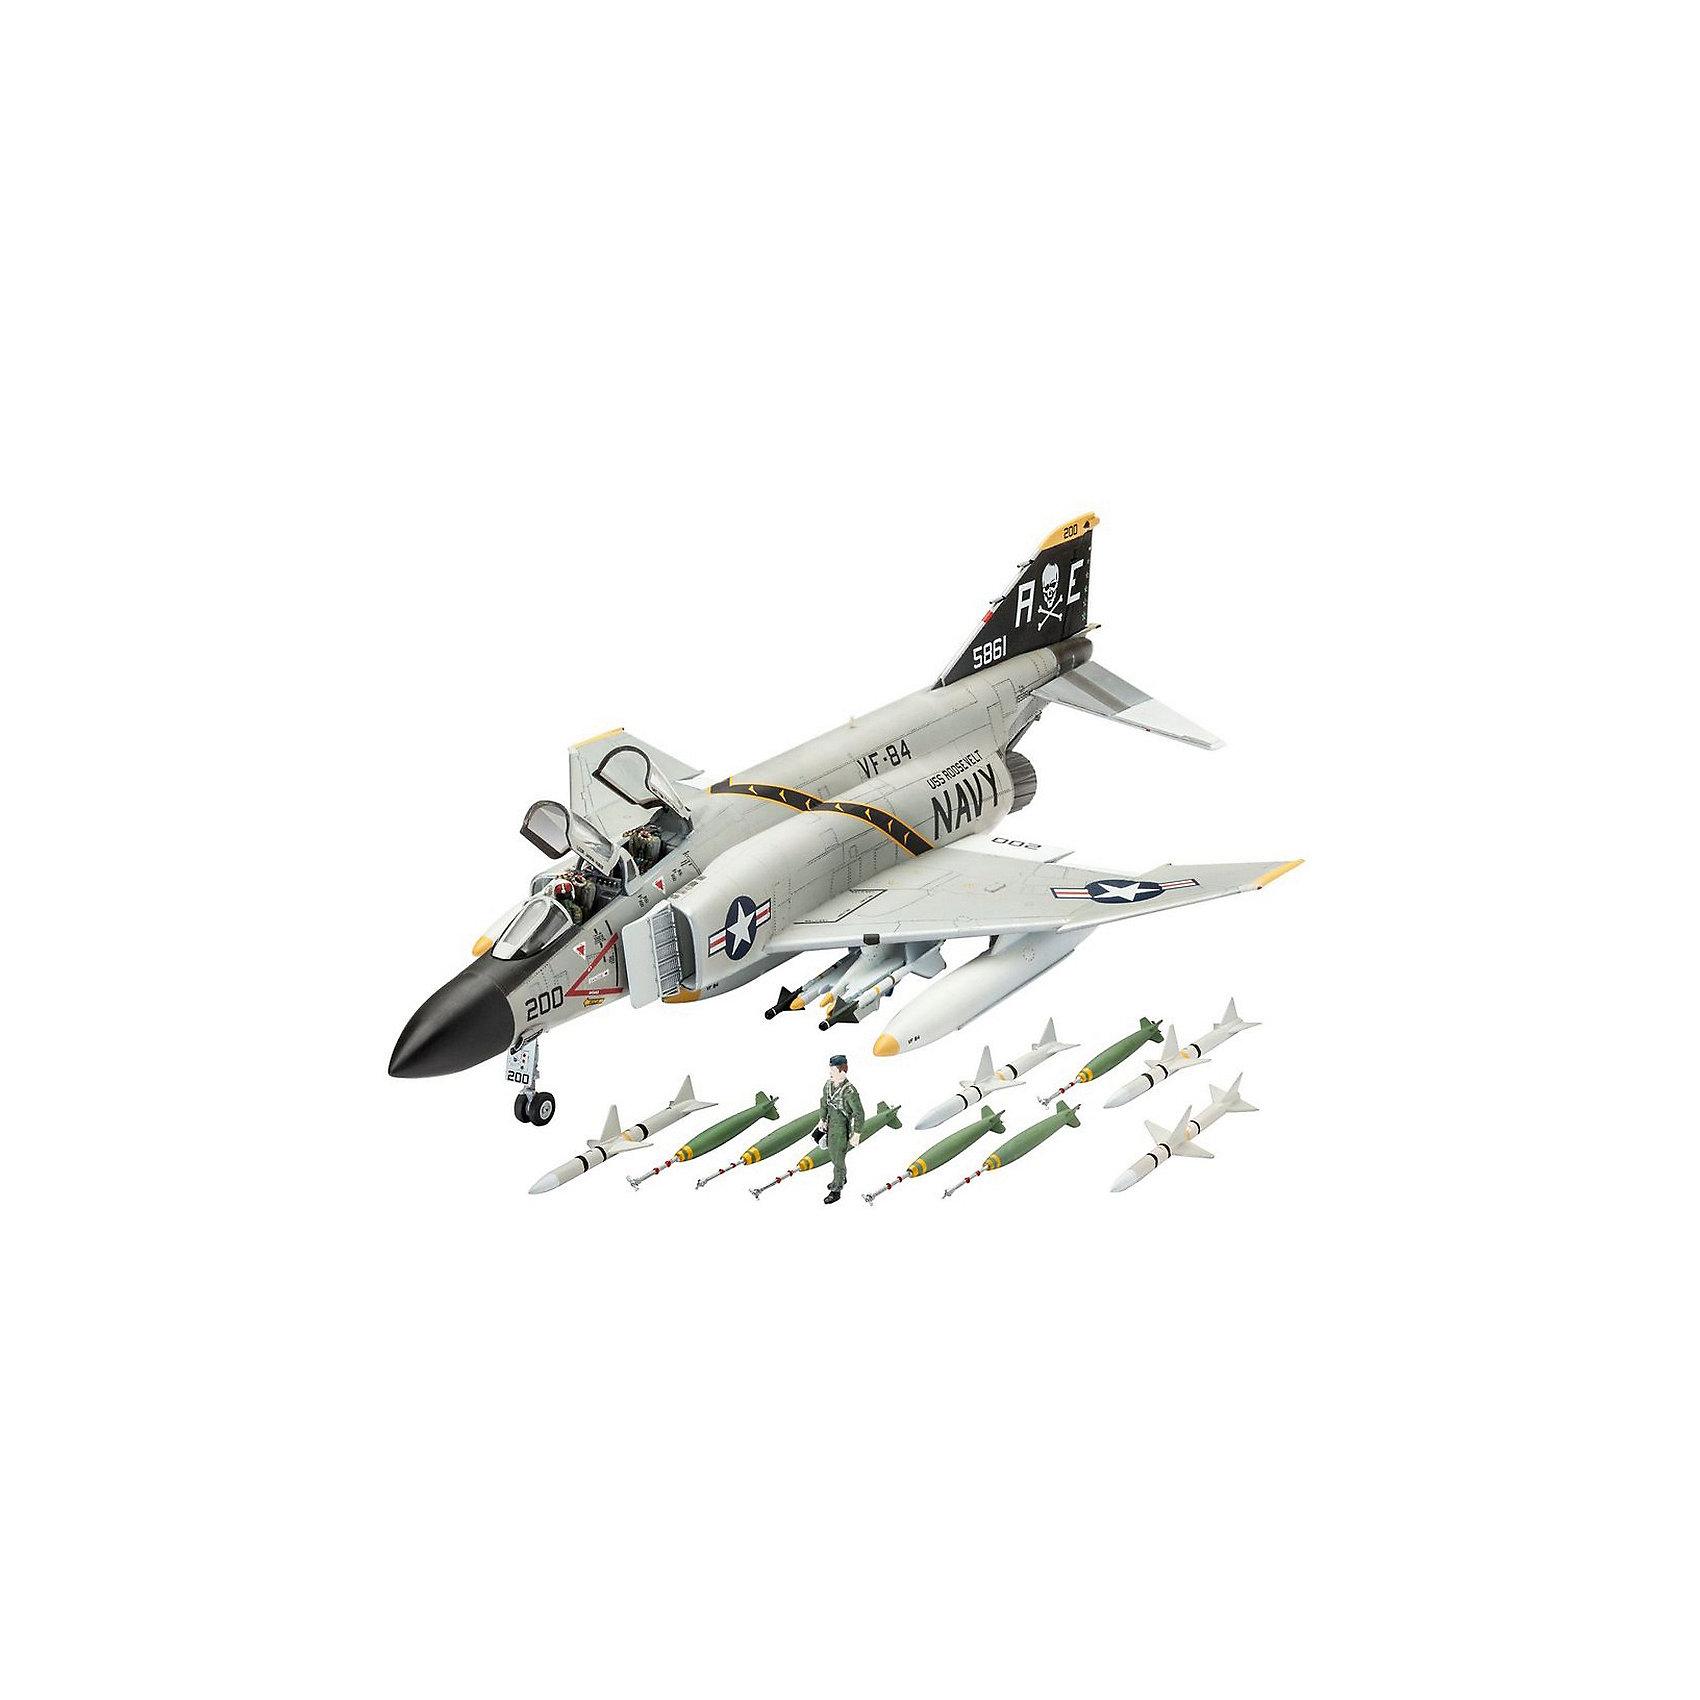 Многоцелевой истребитель F-4J Phantom US NavyМодели для склеивания<br>Сборная модель самолета F-4J Phantom US Navy 03941 в масштабе 1/72.  <br><br>В собранном виде длина модели составляет 24,5 см. Размах крыльев - 16,4 см. В комплекте 85 деталей.  <br><br>Также в набор включены декали для создания следующего борта - VF-84 Jolly Rogers , AE200/BuNo 155861 (на август 1970 года) <br><br>Модель истребителя продается в картонной коробке. Ее размер: 24,5х16,4 см. <br>Сборная модель выполнена из пластика. Ее необходимо склеить и затем окрасить. Клей и краски приобретаются отдельно <br>Рекомендуемый возраст: от 10 лет.<br><br>Ширина мм: 9999<br>Глубина мм: 9999<br>Высота мм: 9999<br>Вес г: 9999<br>Возраст от месяцев: 120<br>Возраст до месяцев: 2147483647<br>Пол: Мужской<br>Возраст: Детский<br>SKU: 7122366